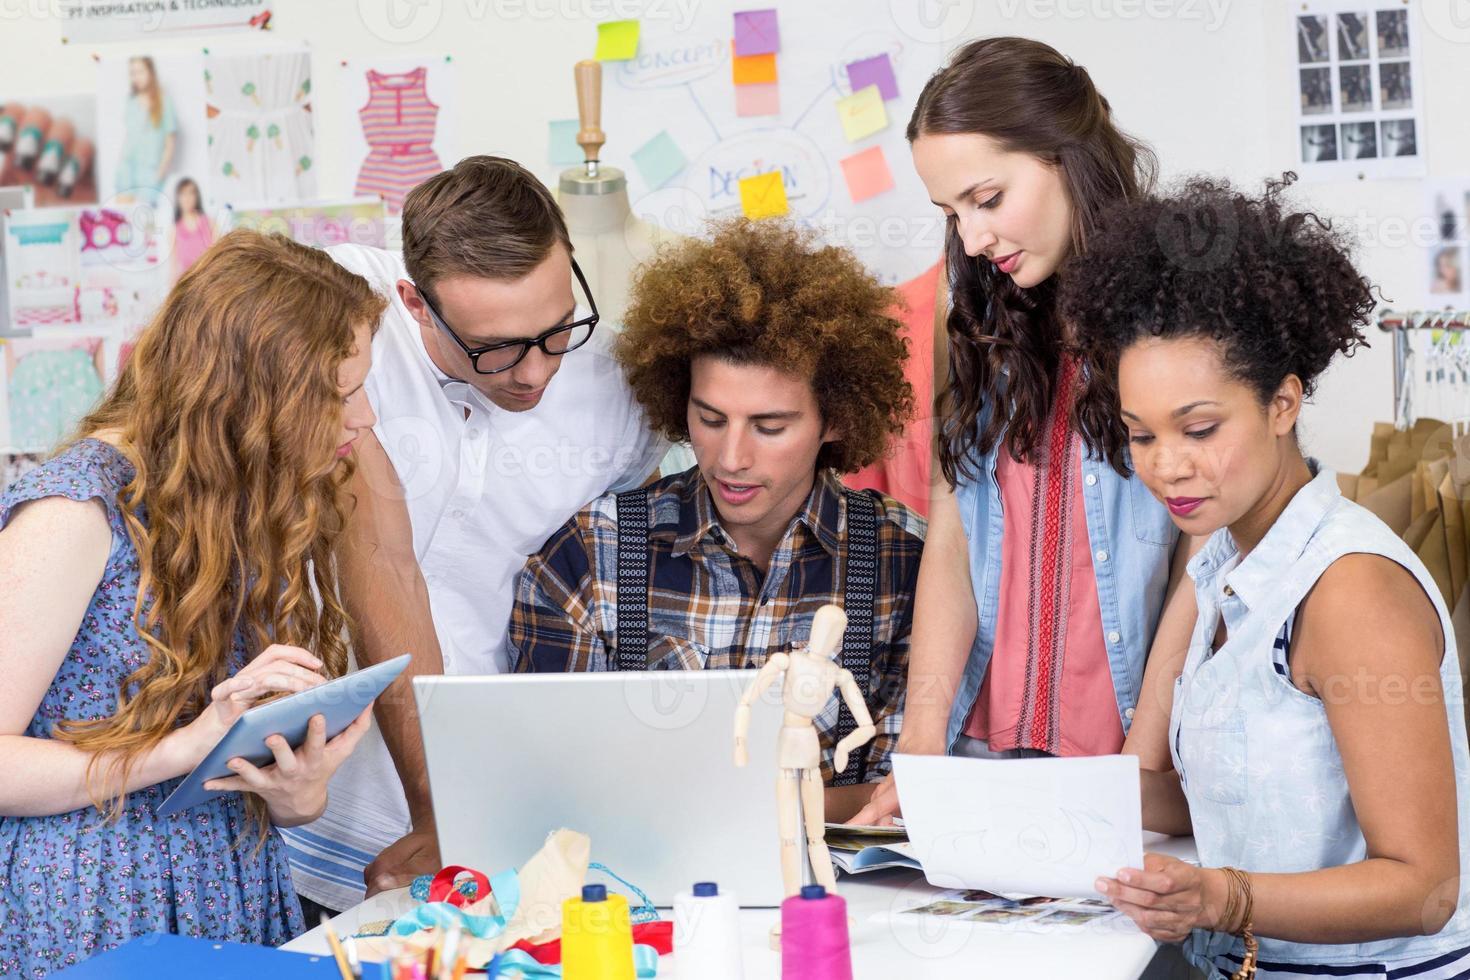 designer che utilizzano laptop e tablet digitali foto